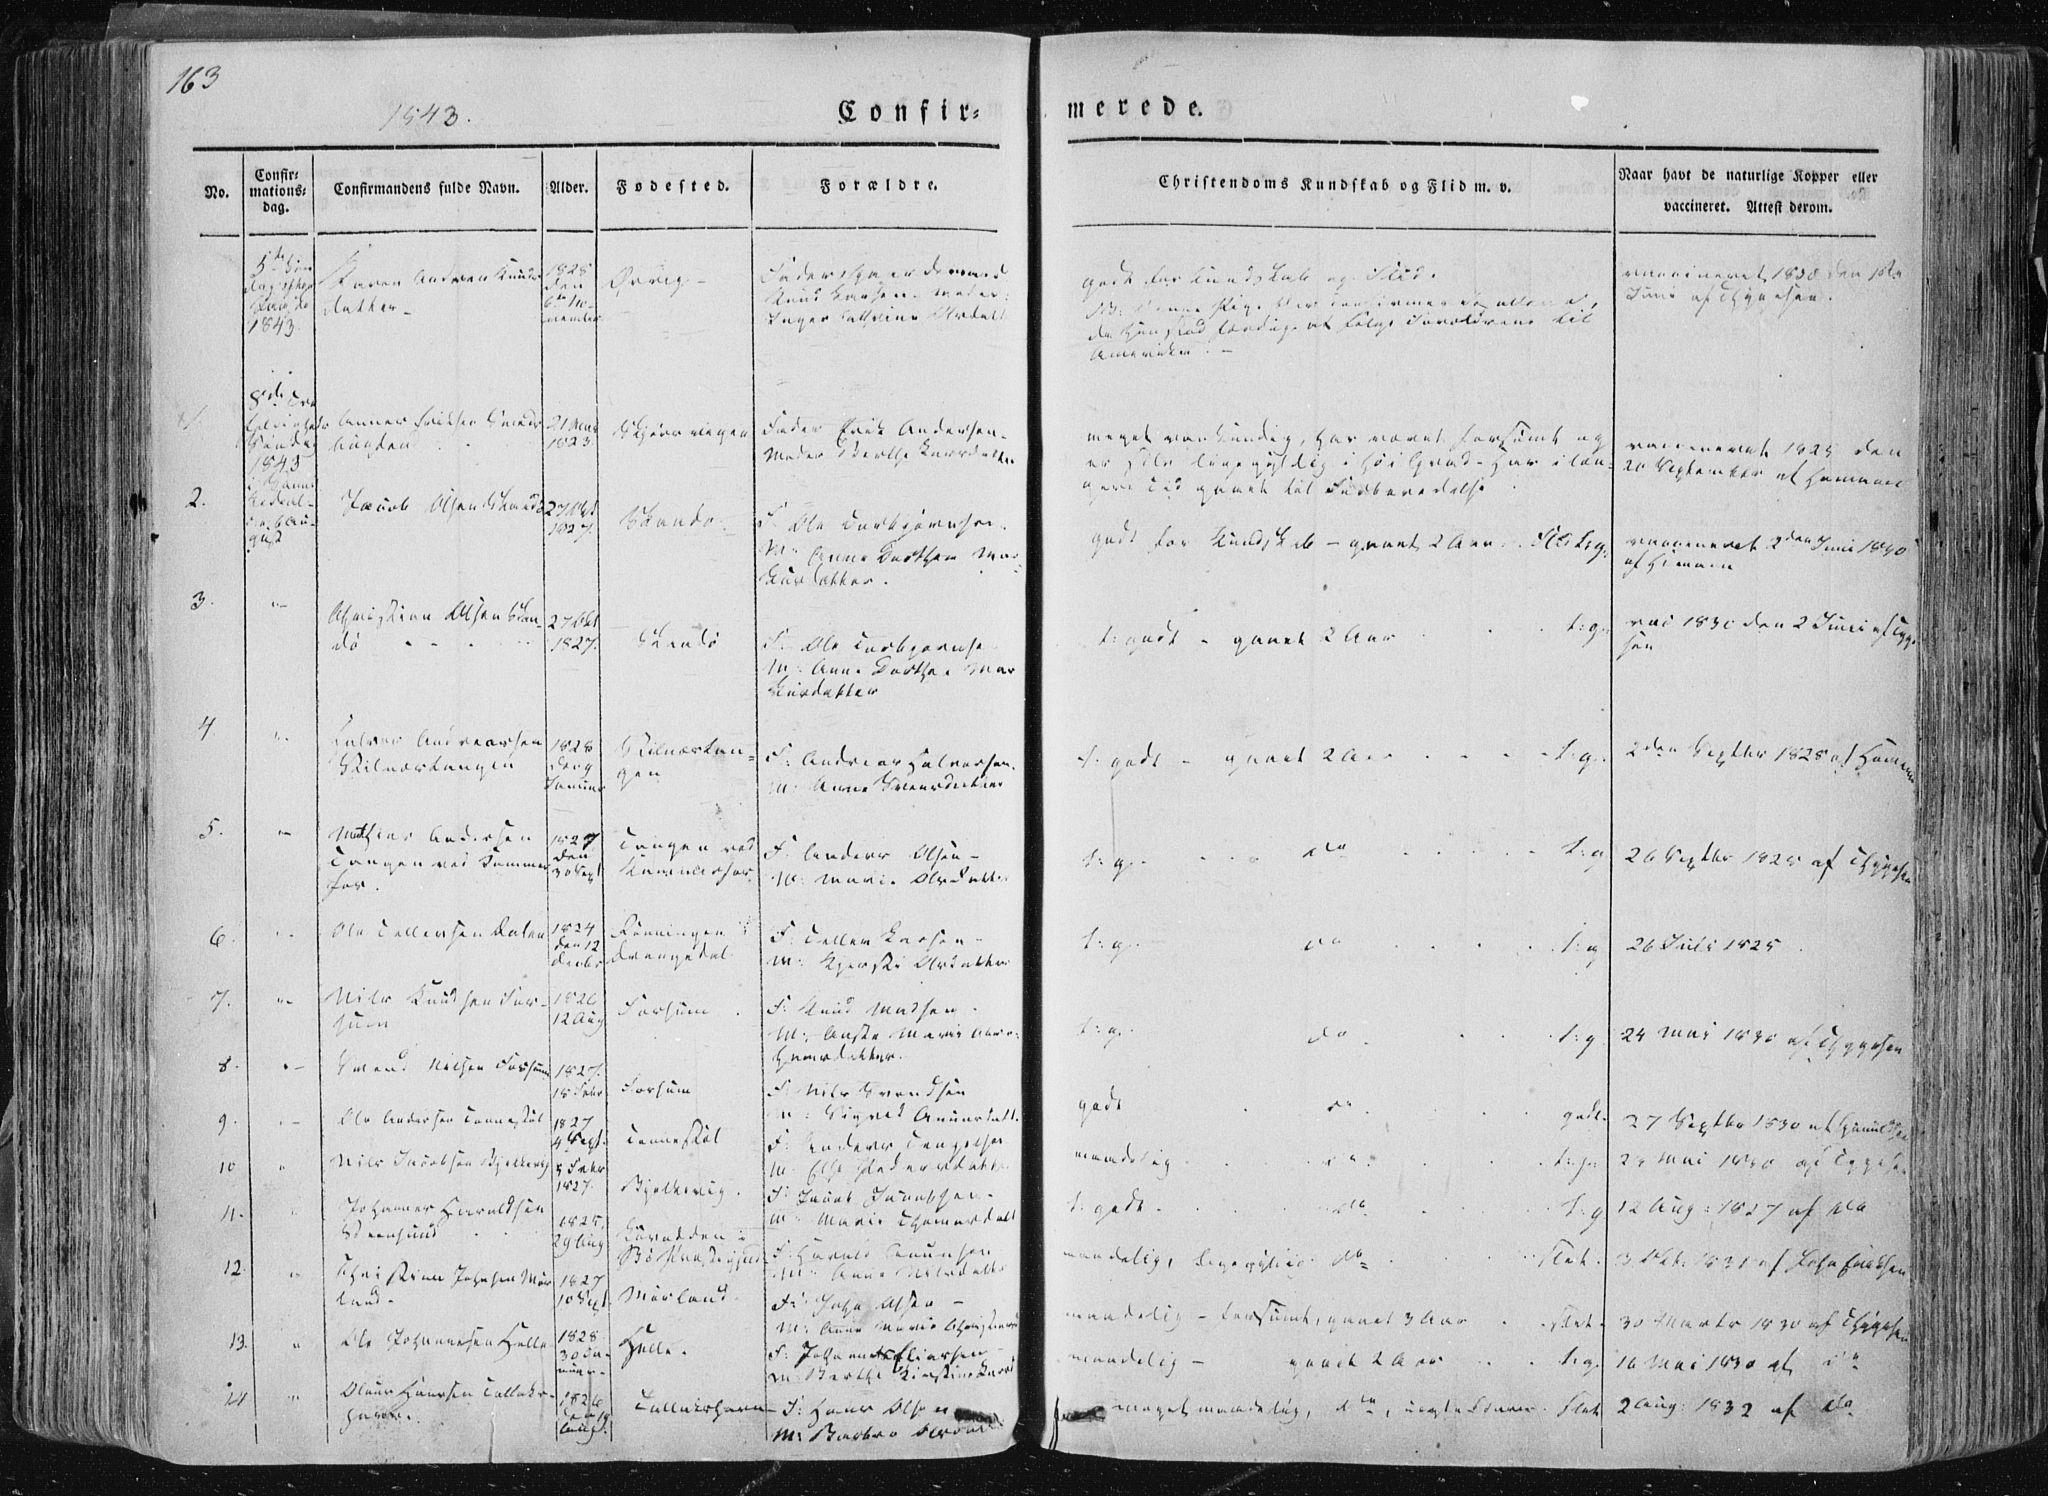 SAKO, Sannidal kirkebøker, F/Fa/L0007: Ministerialbok nr. 7, 1831-1854, s. 163